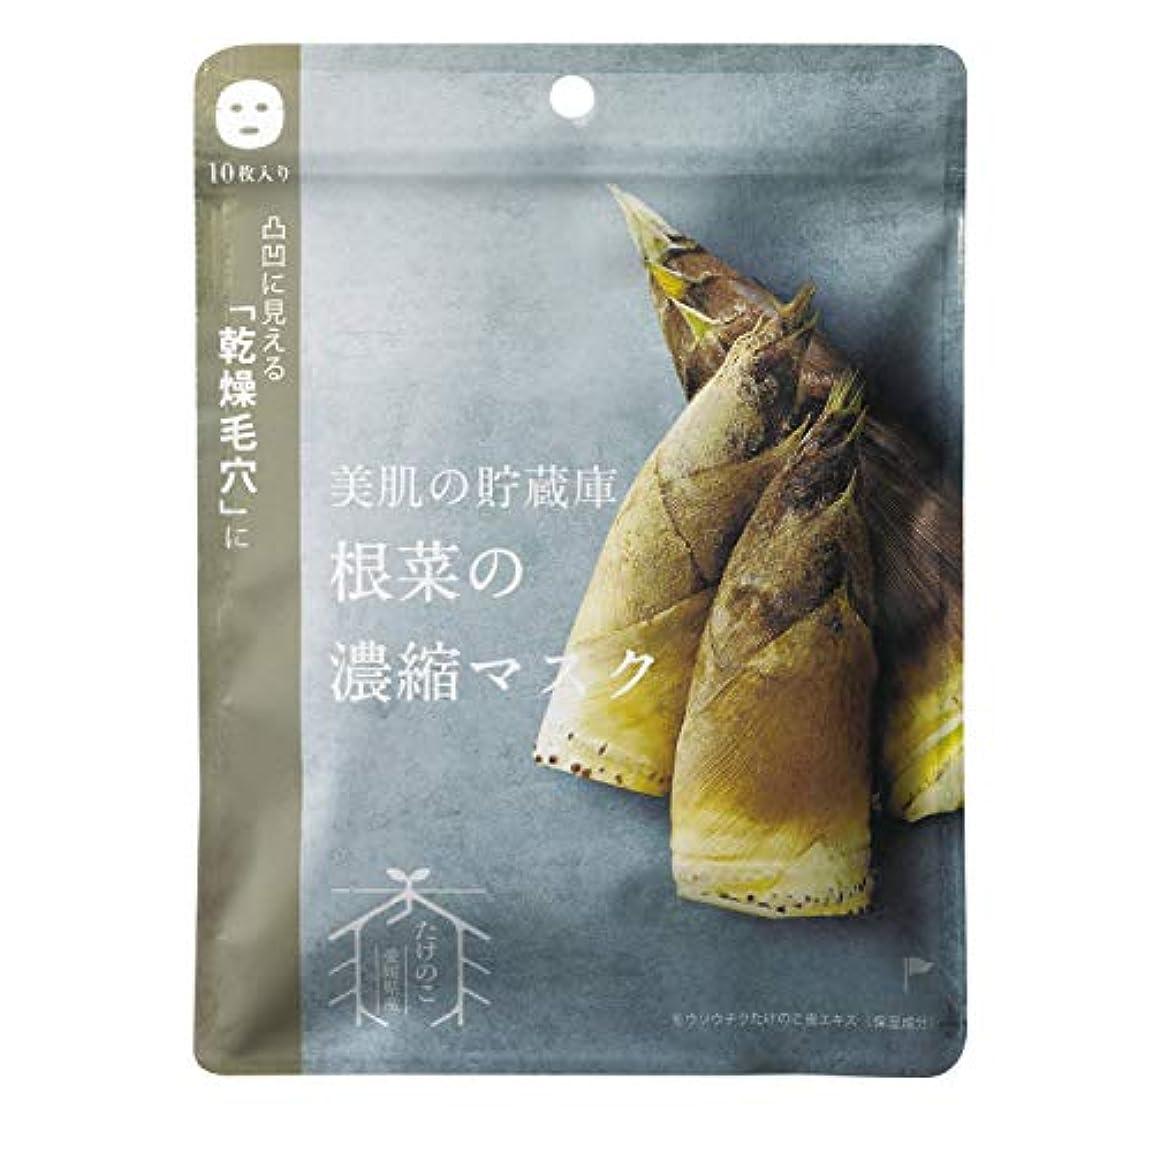 ペストすべき論文@cosme nippon 美肌の貯蔵庫 根菜の濃縮マスク 孟宗竹たけのこ 10枚 160ml